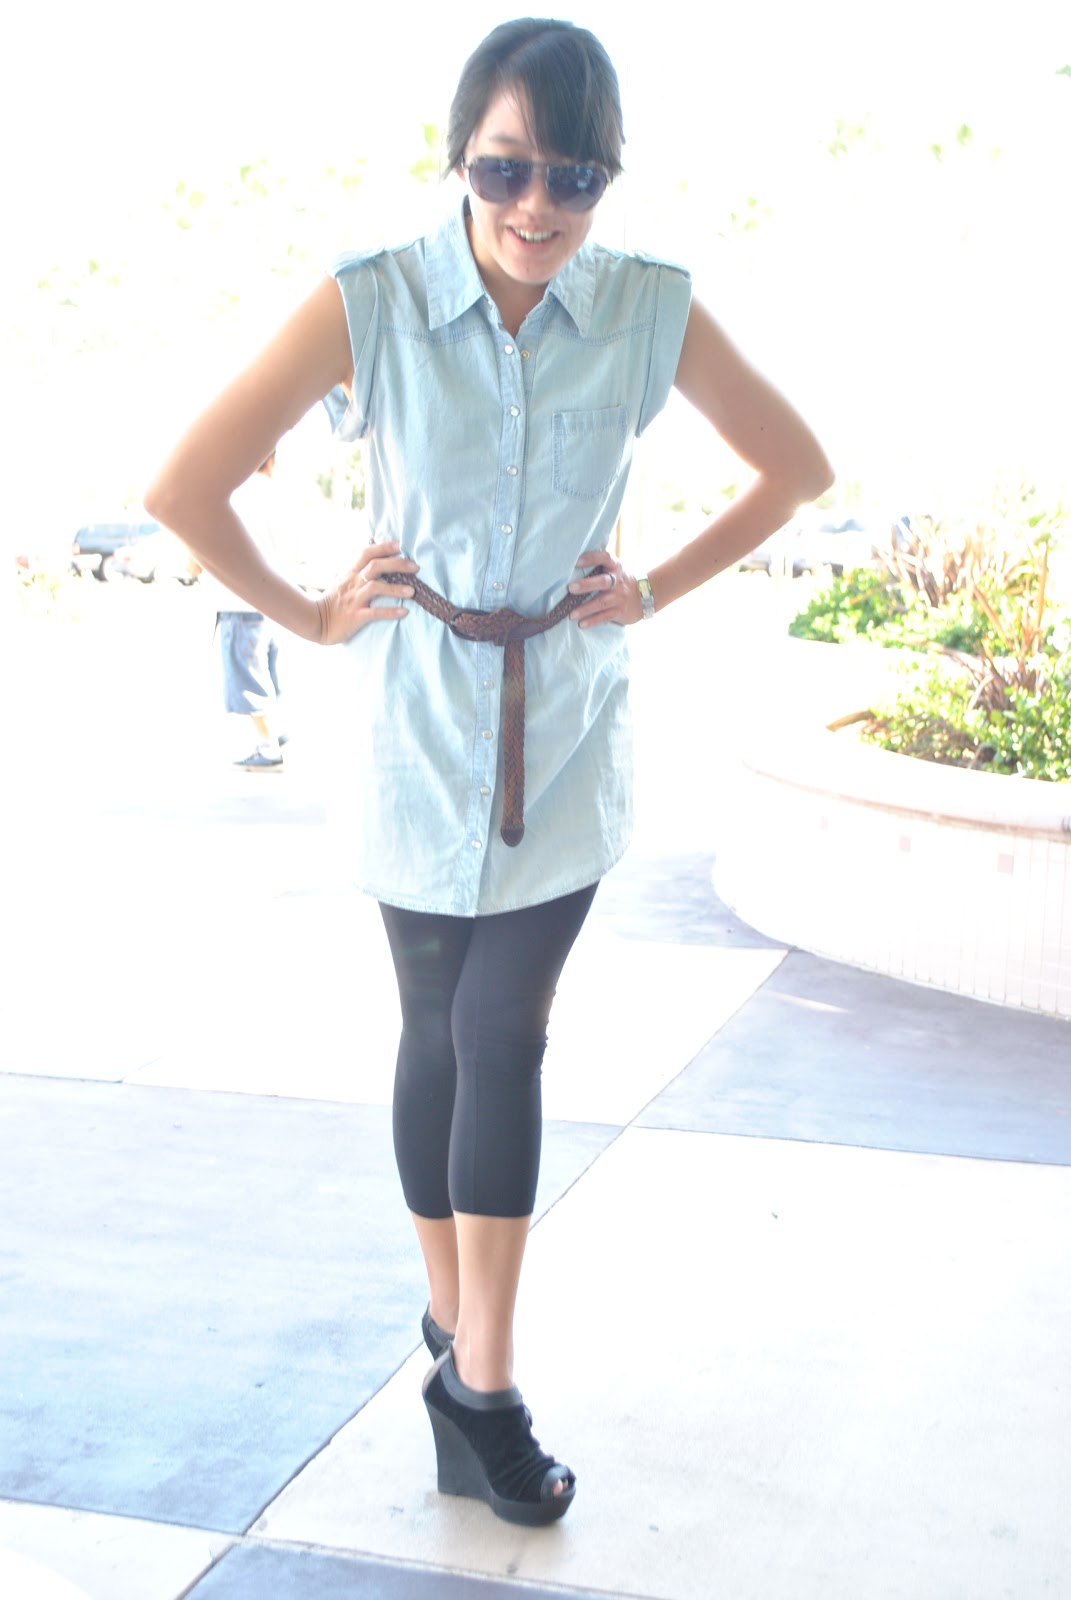 http://4.bp.blogspot.com/_XVix4BKQJ0M/TKAUInGN0rI/AAAAAAAABnw/vdyO6UWsxgw/s1600/Jessica+(9-26-10)+(4).JPG